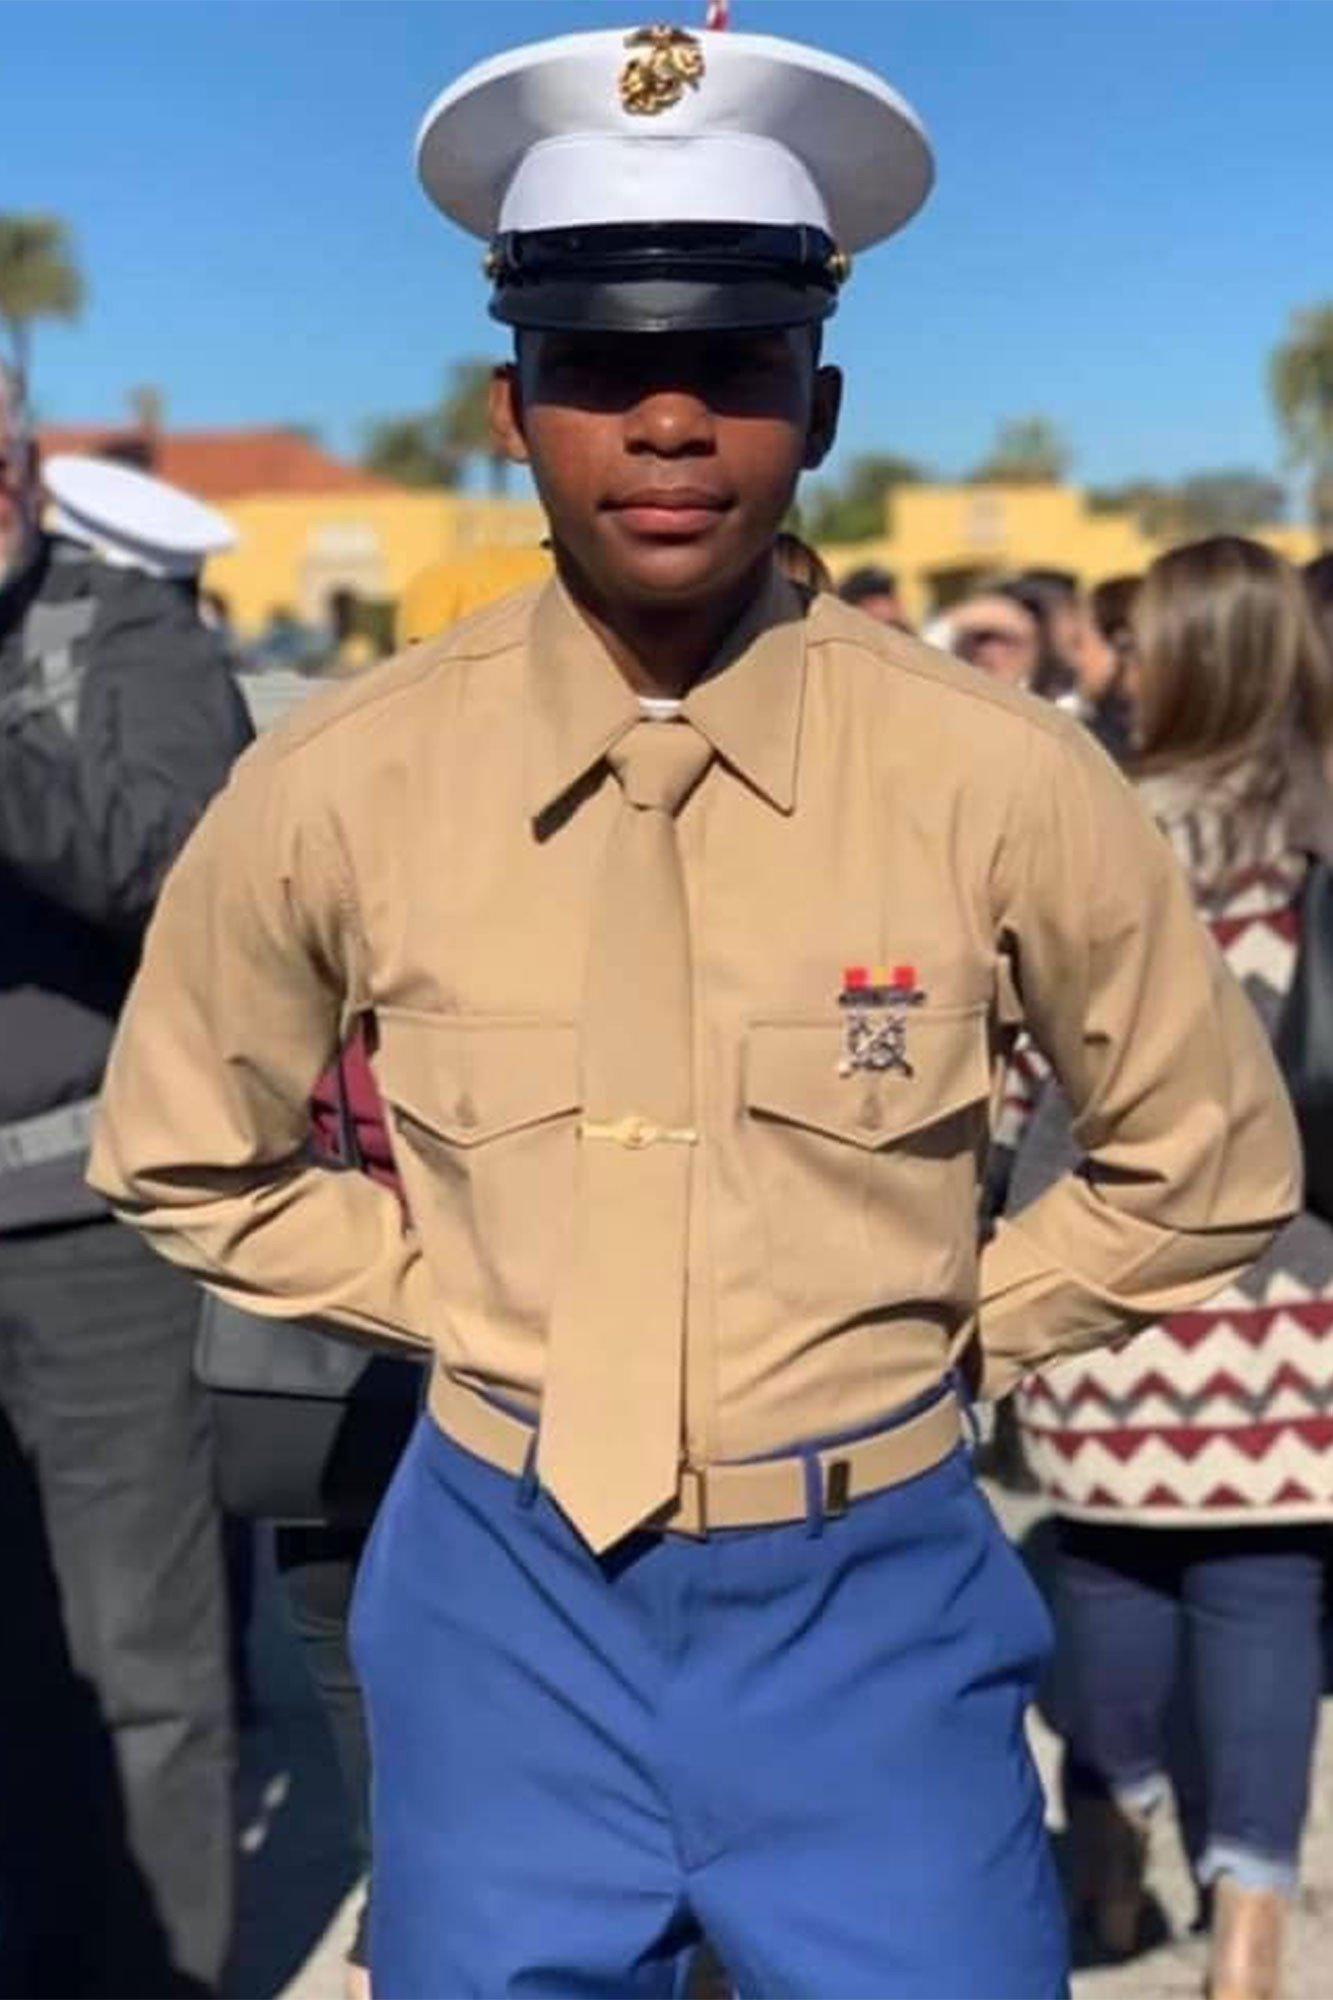 Camran Kashawn Collier in Marine Corps uniform